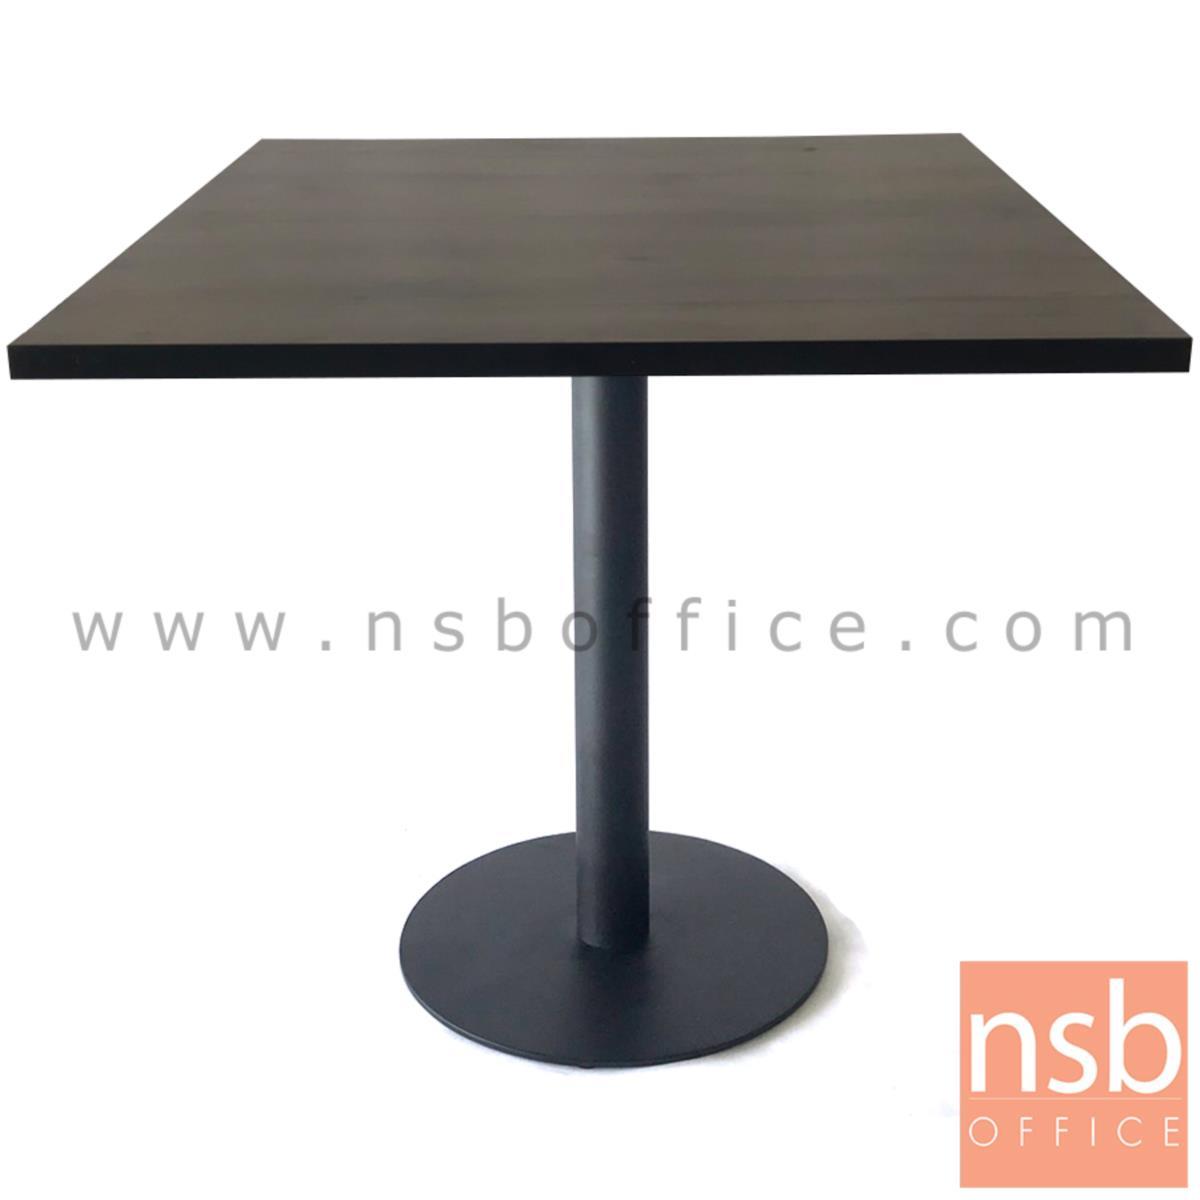 โต๊ะบาร์จานกลมแผ่นเรียบ ทำสีดำ รุ่น NANT